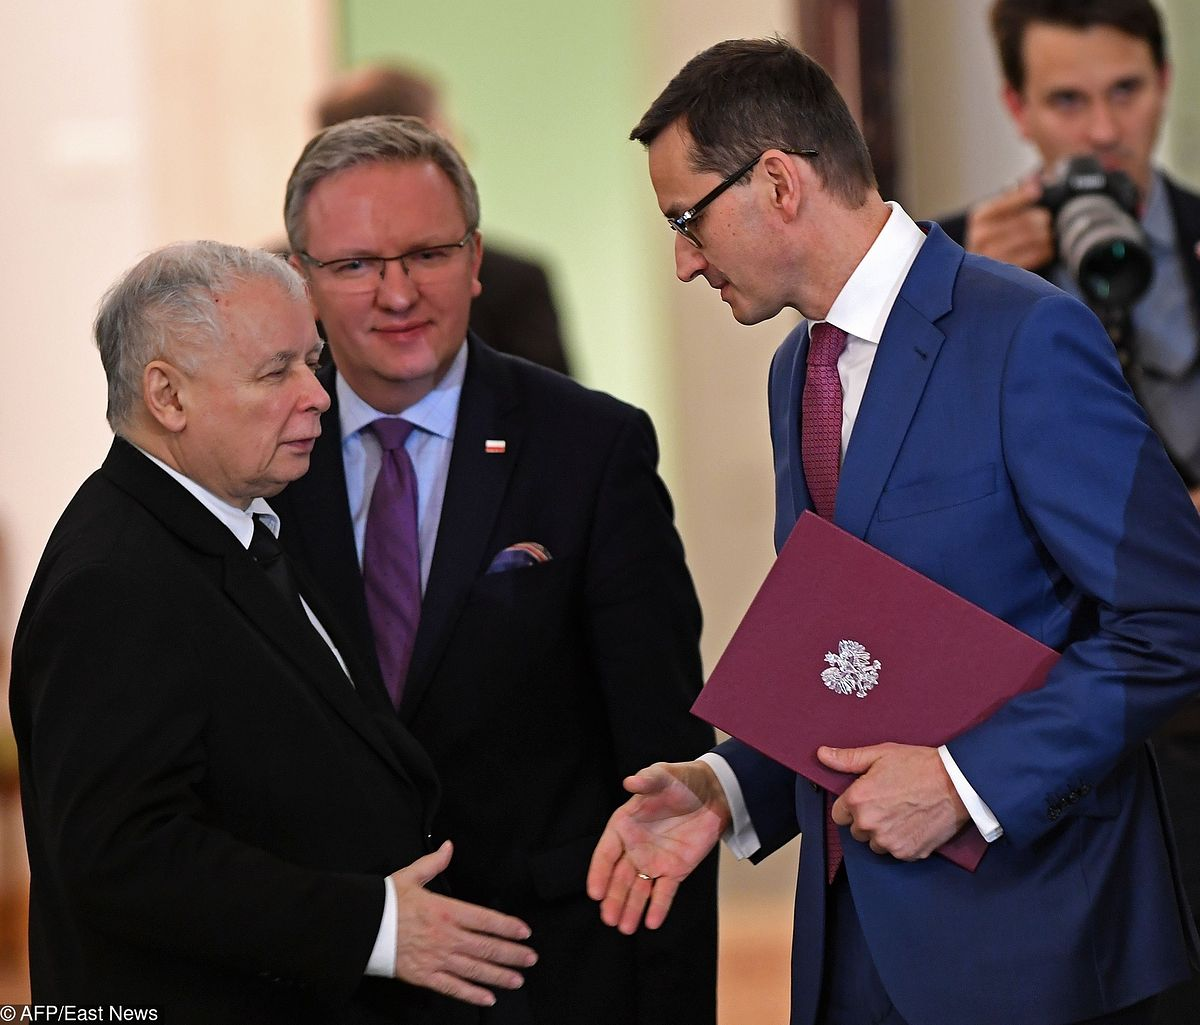 Jakub Majmurek: Trzy katastrofy rządu PiS. Czy może być jeszcze głupiej?